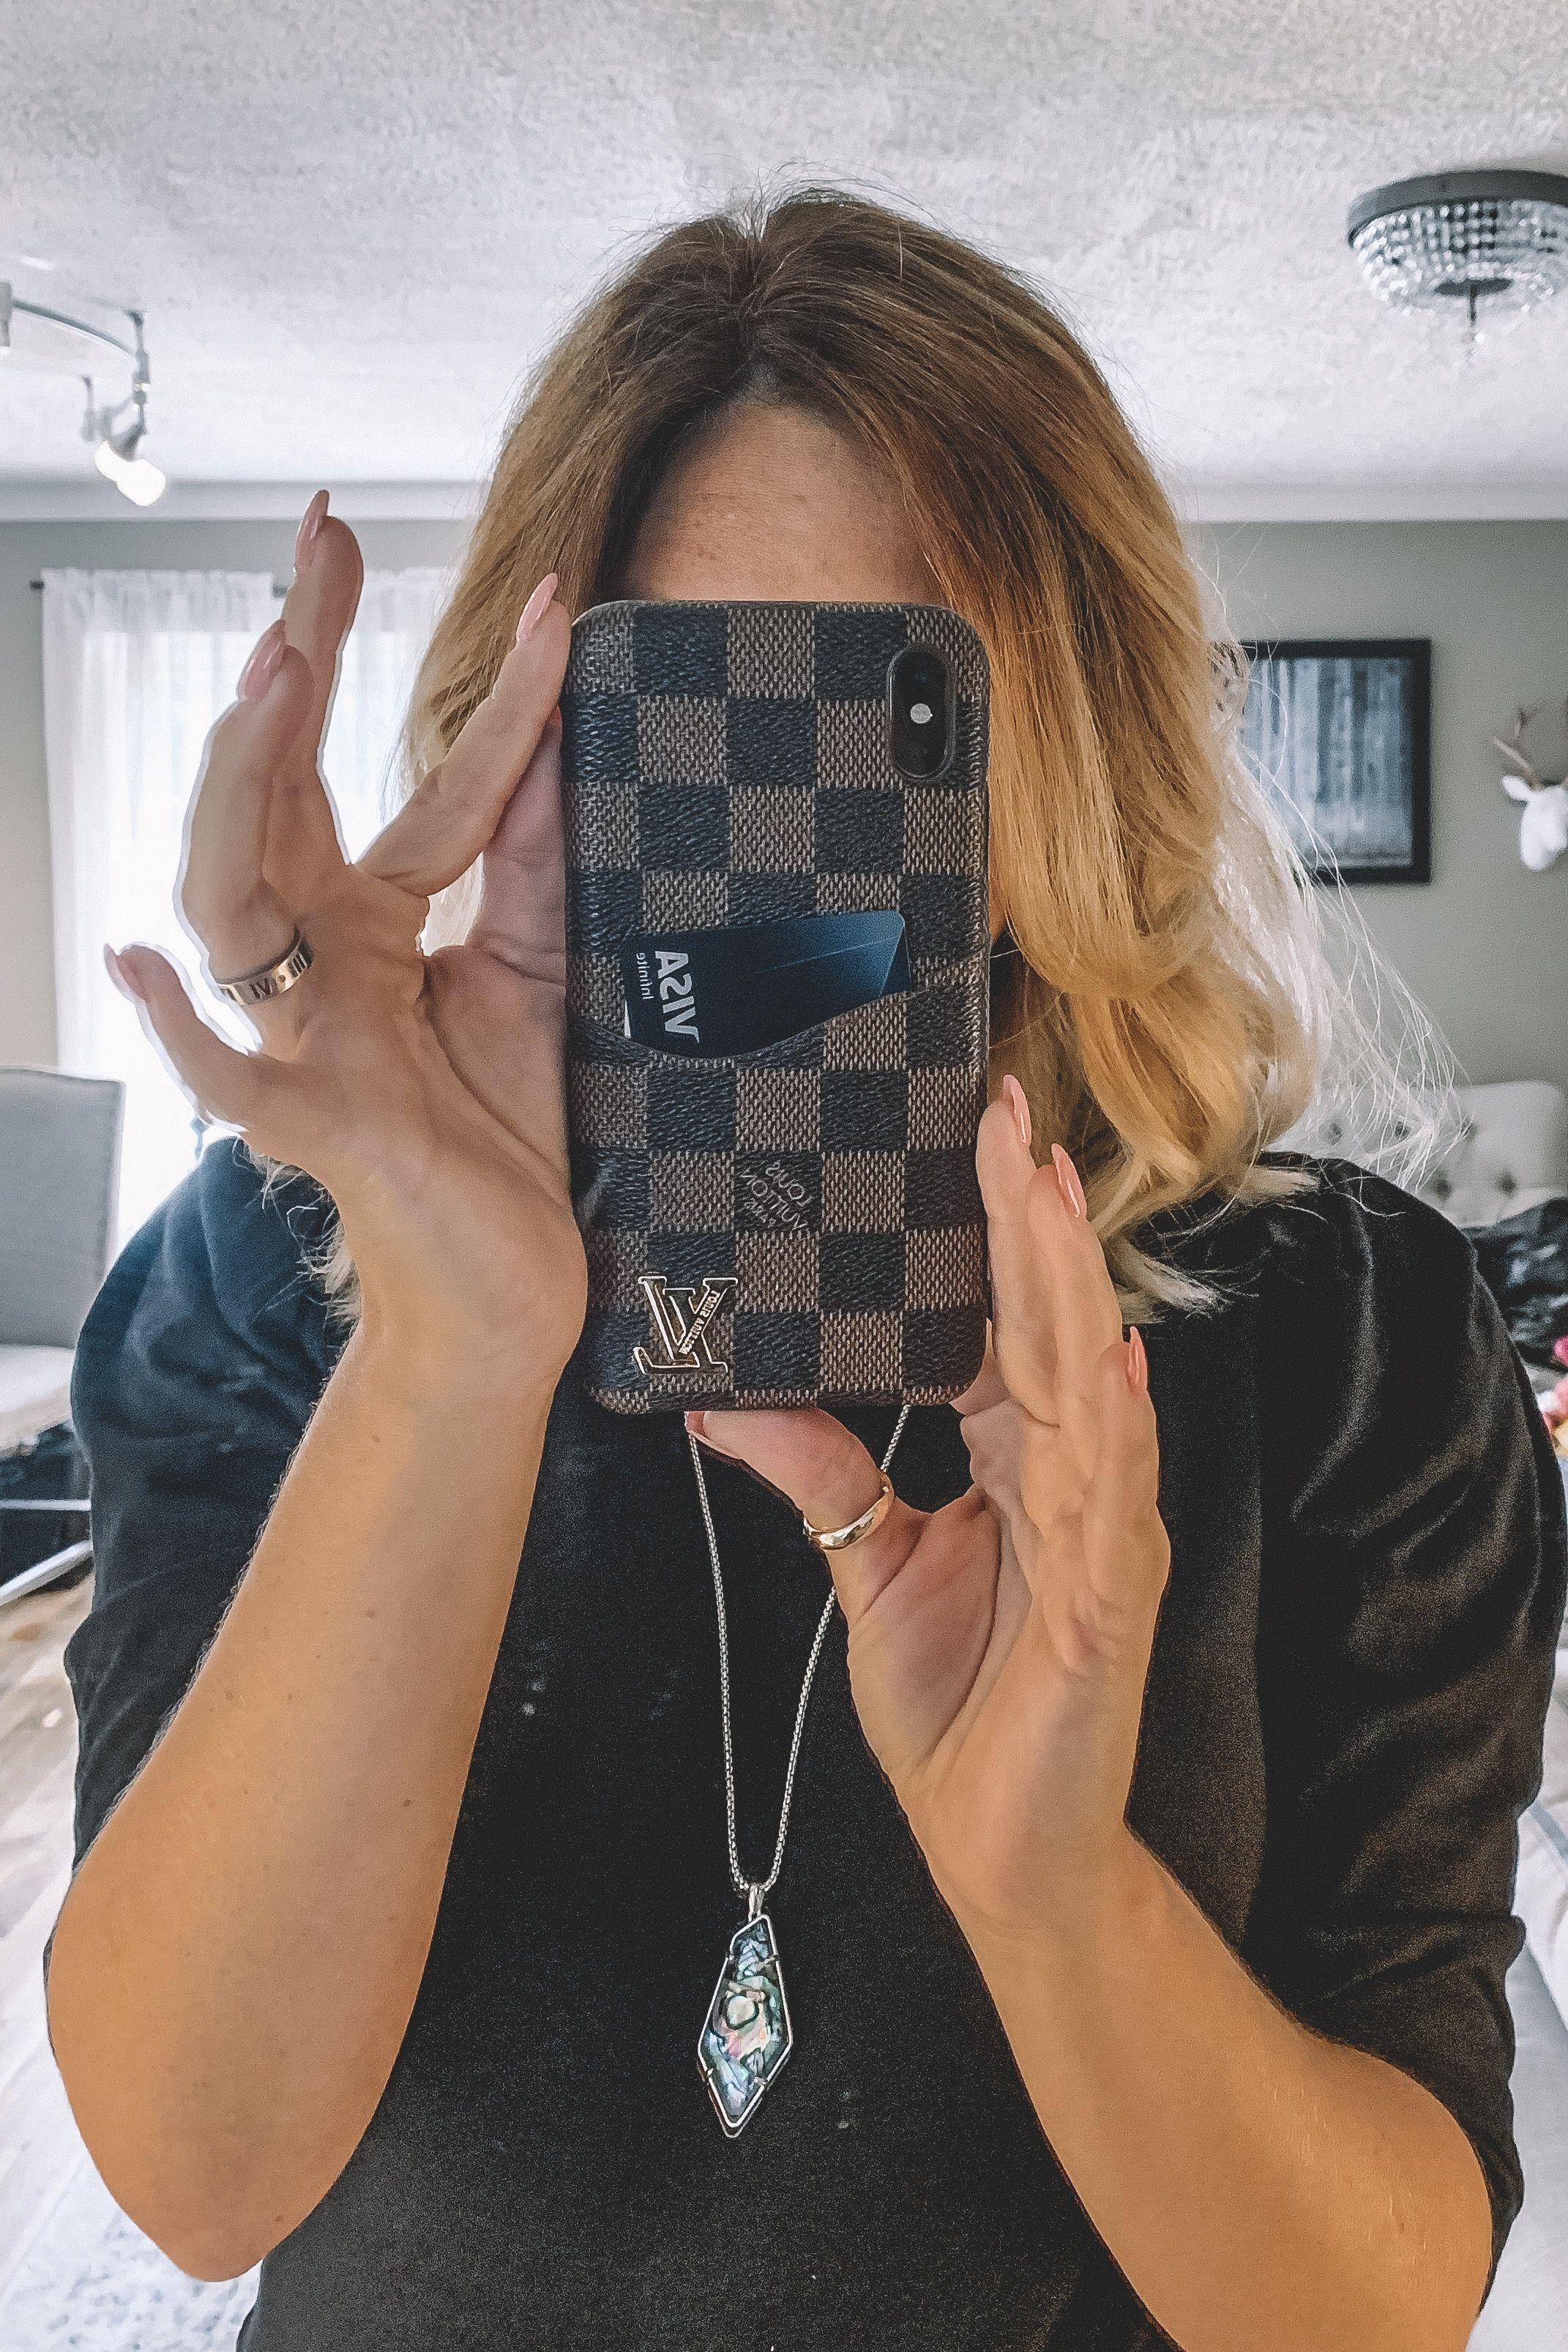 Amazon dupe phone case with images luxury fashion